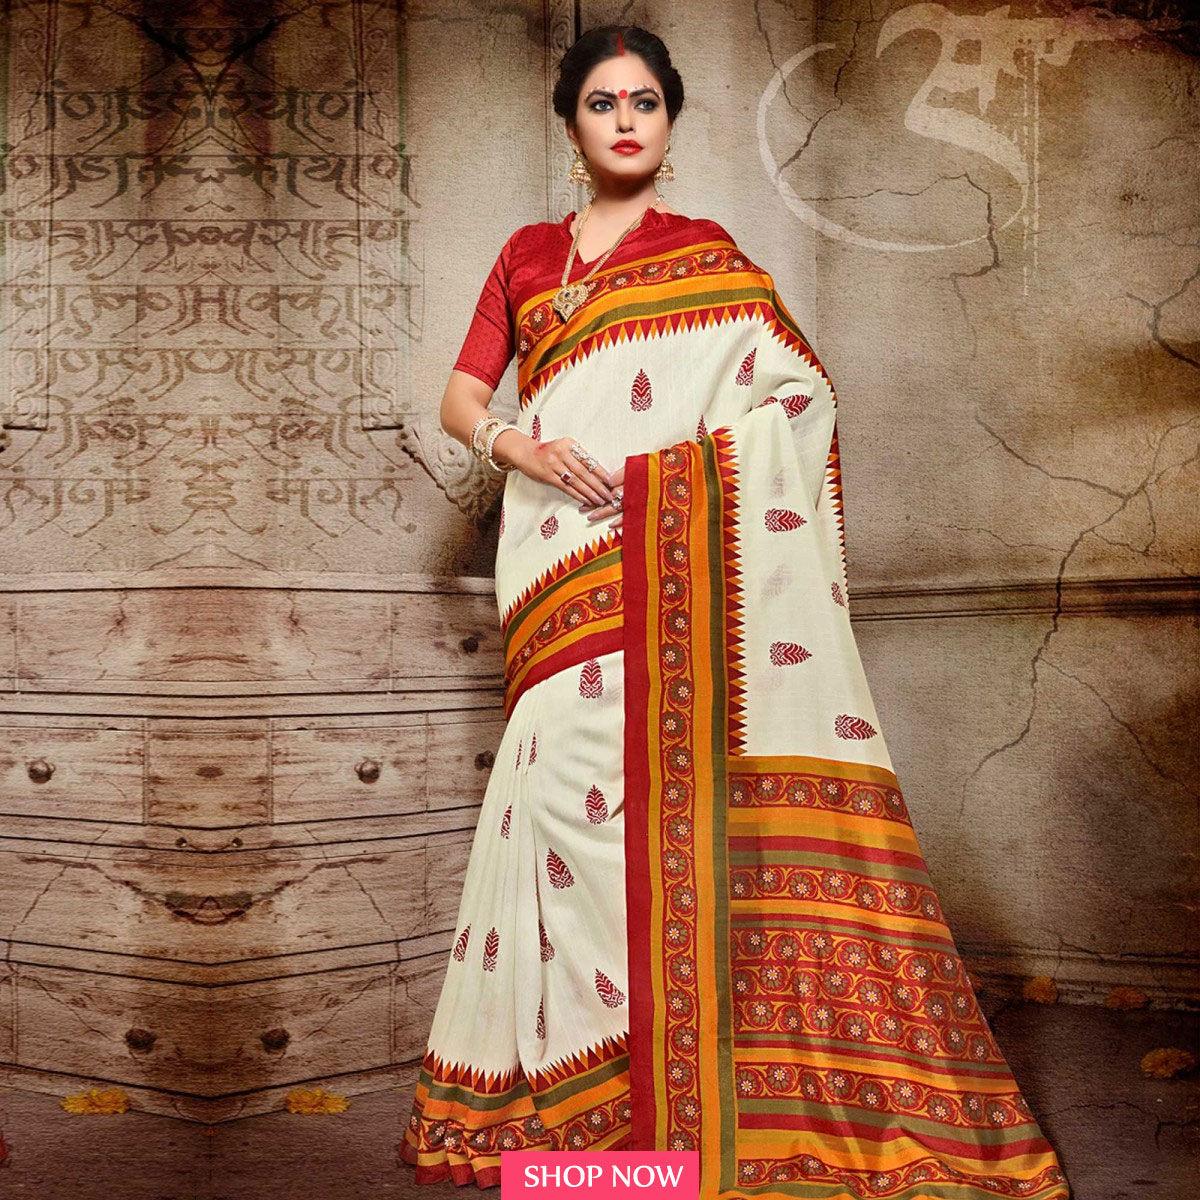 saris this Durga Puja